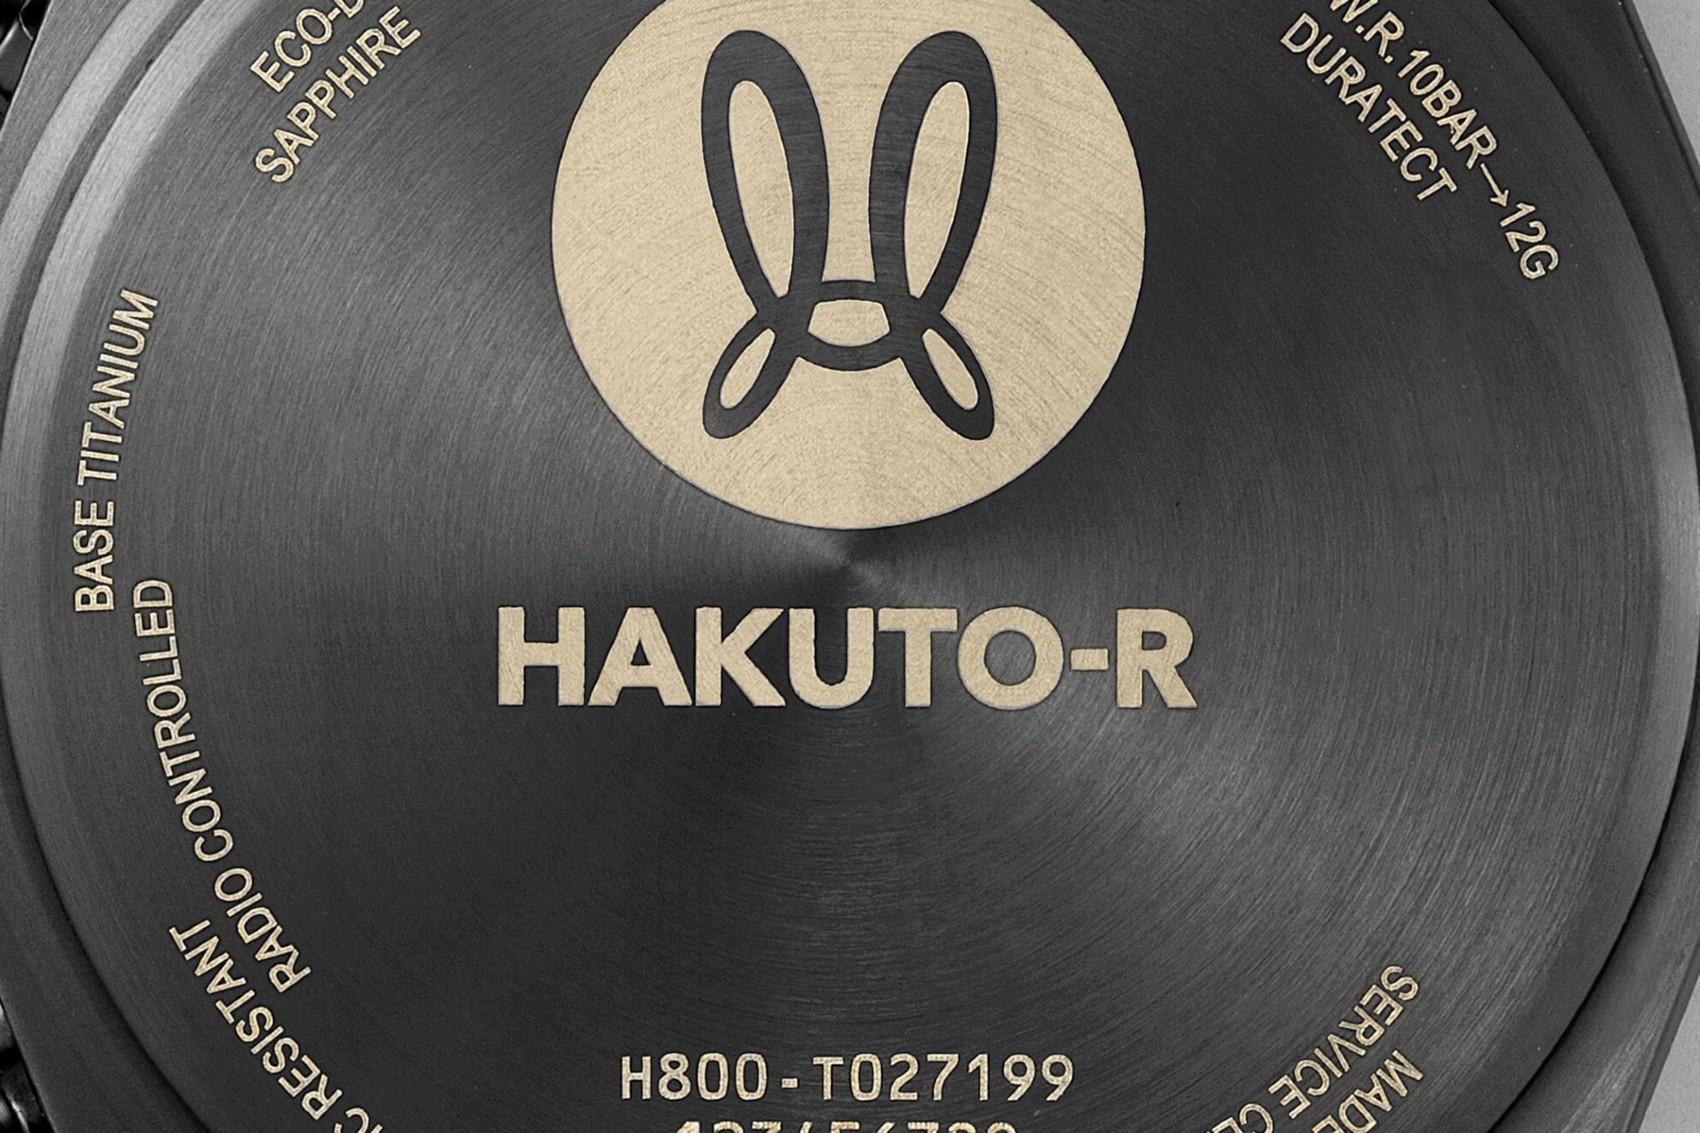 Citizen Hakuto R 1